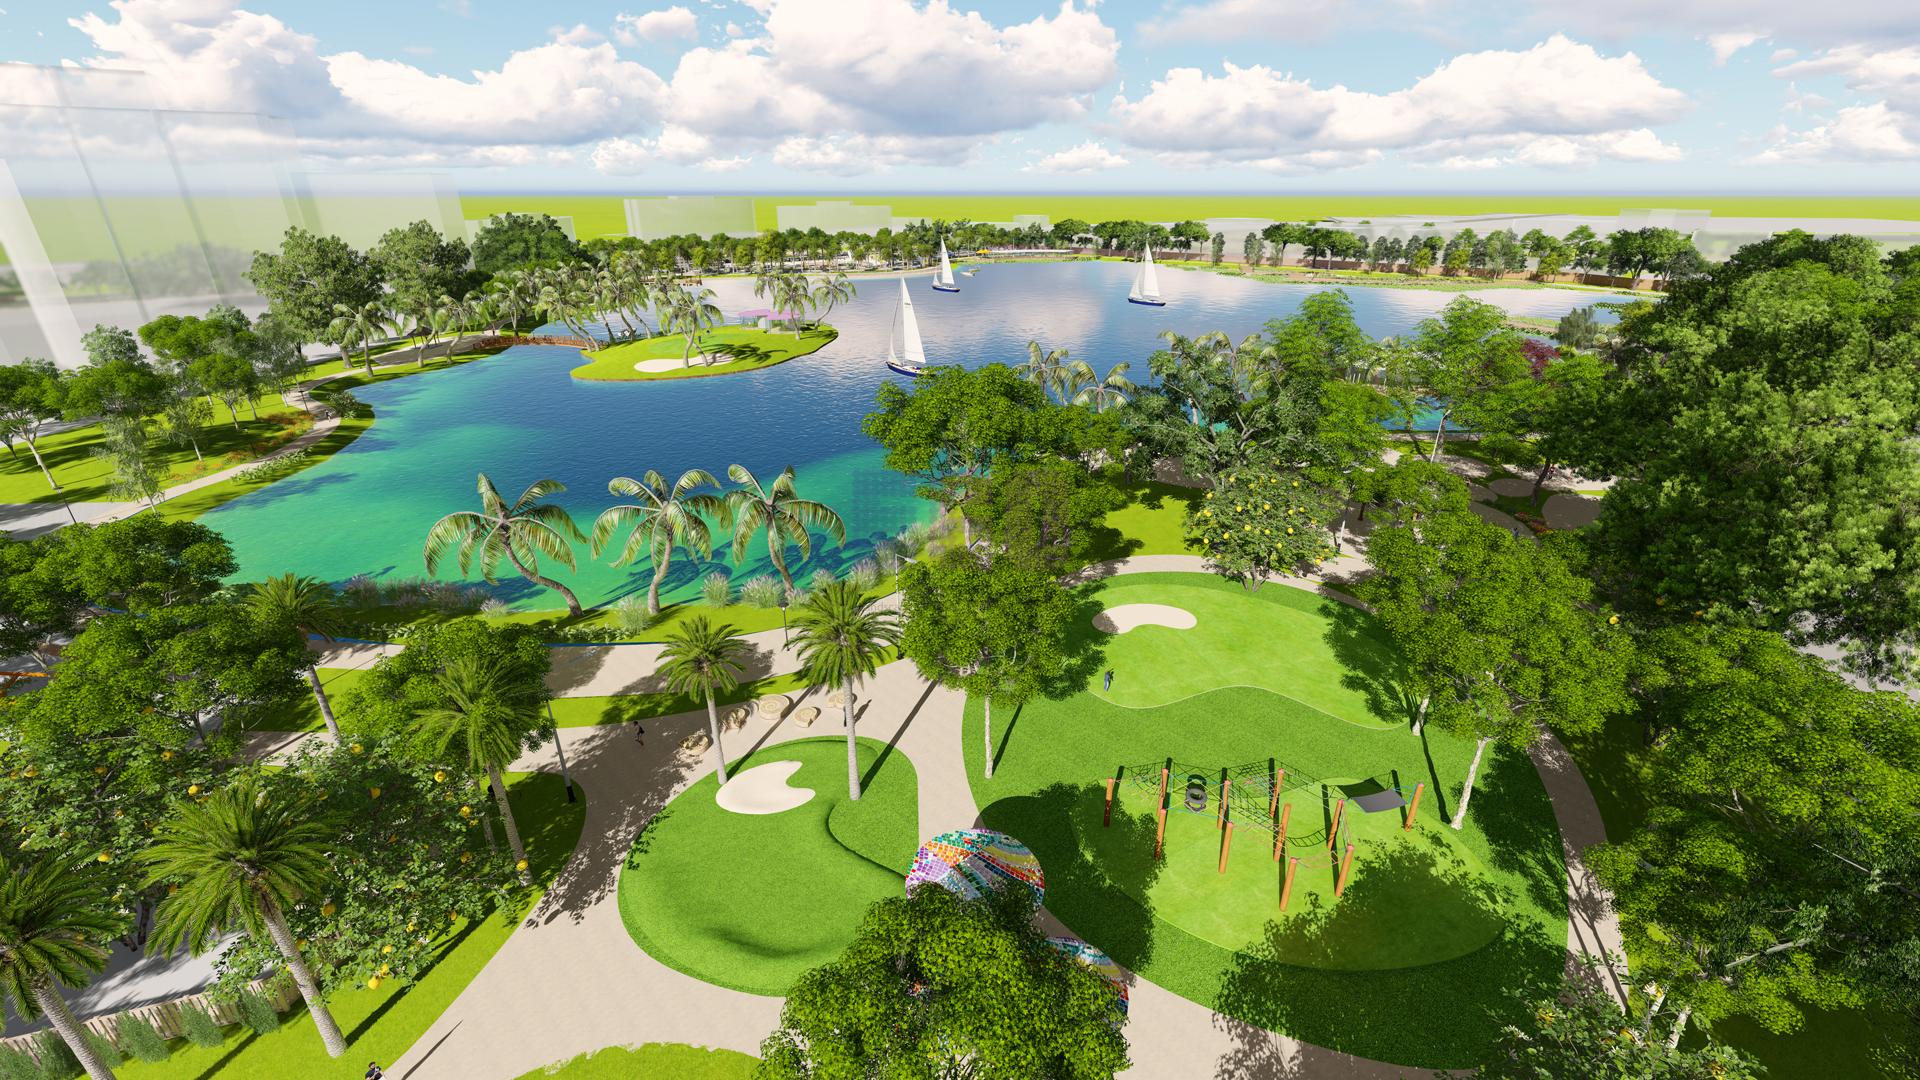 18 công viên được thiết kế mới ở nhiều khu vực nội thành Hà Nội